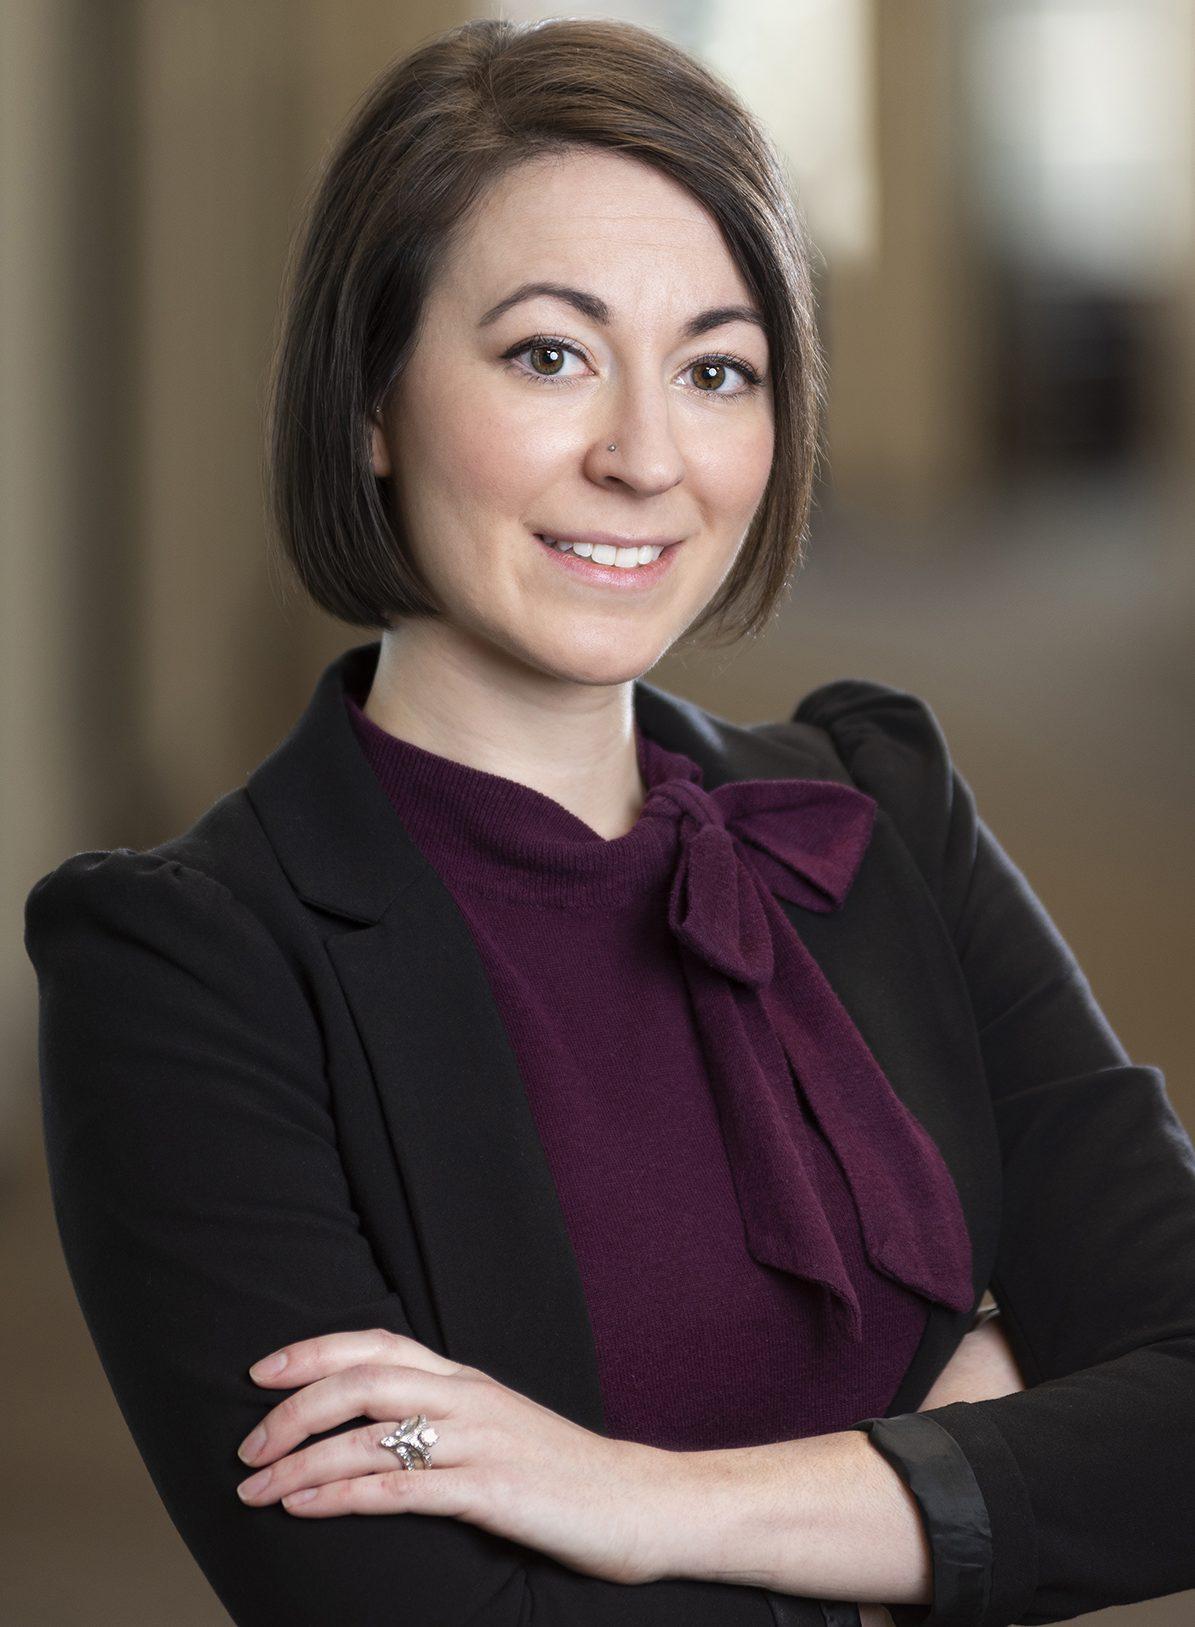 Jeanette Sinclare